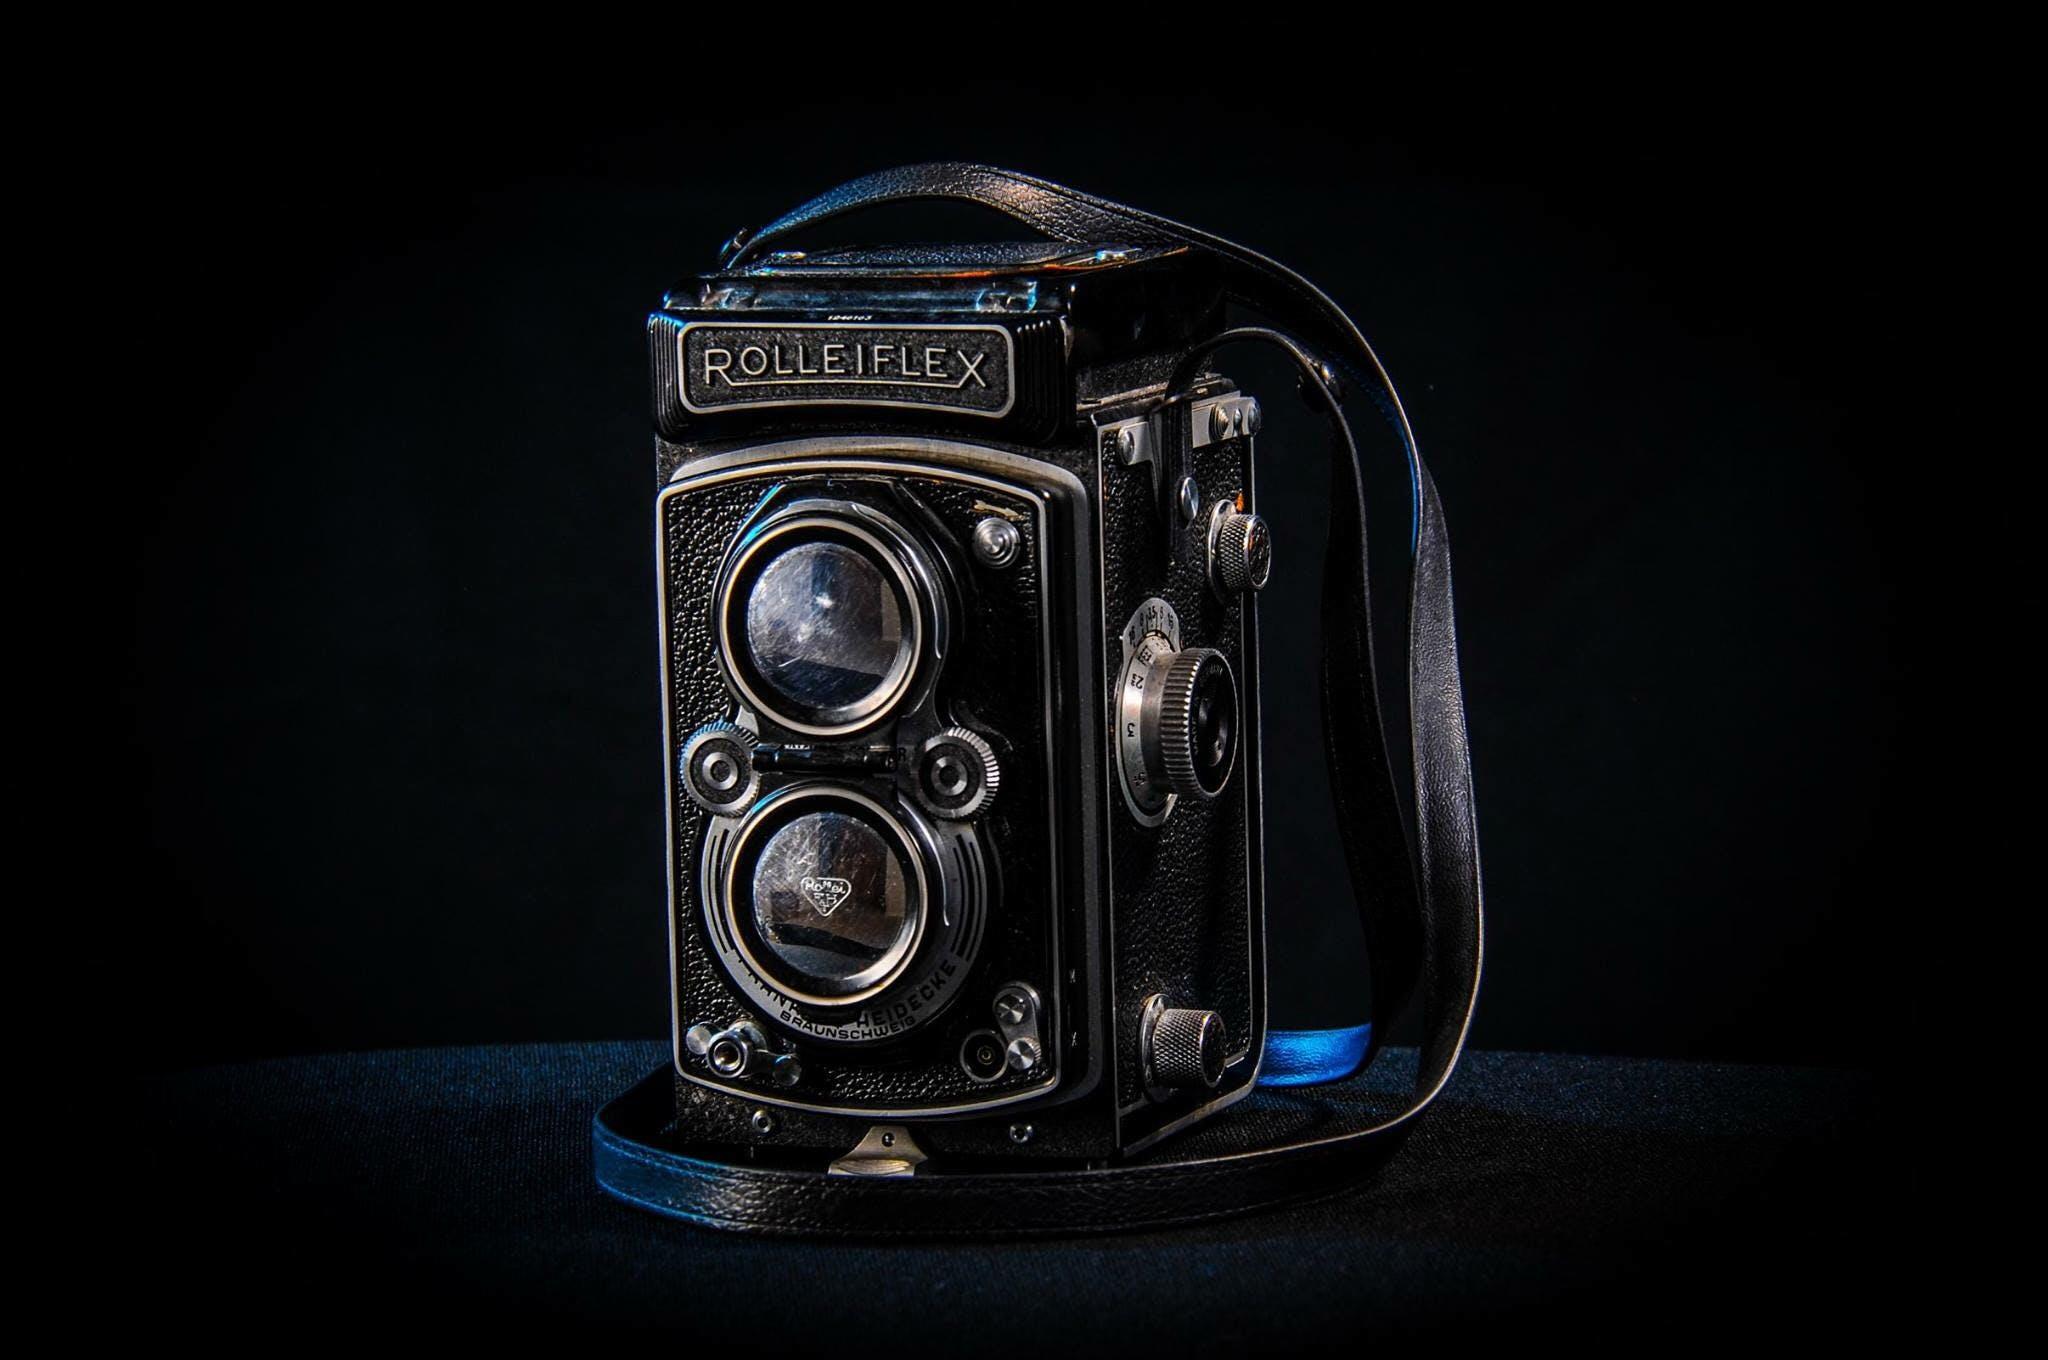 기술, 레트로, 롤라이플렉스, 빈티지 카메라의 무료 스톡 사진